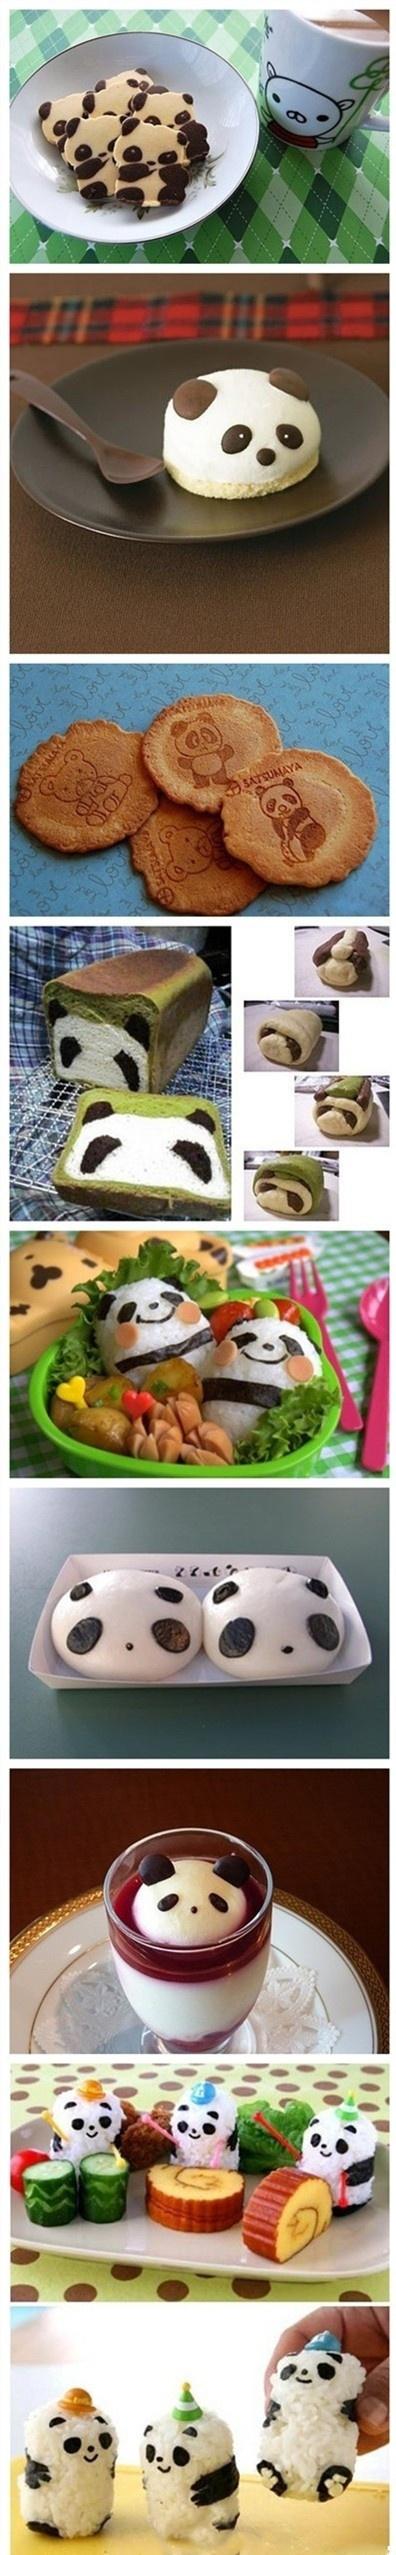 all panda #panda